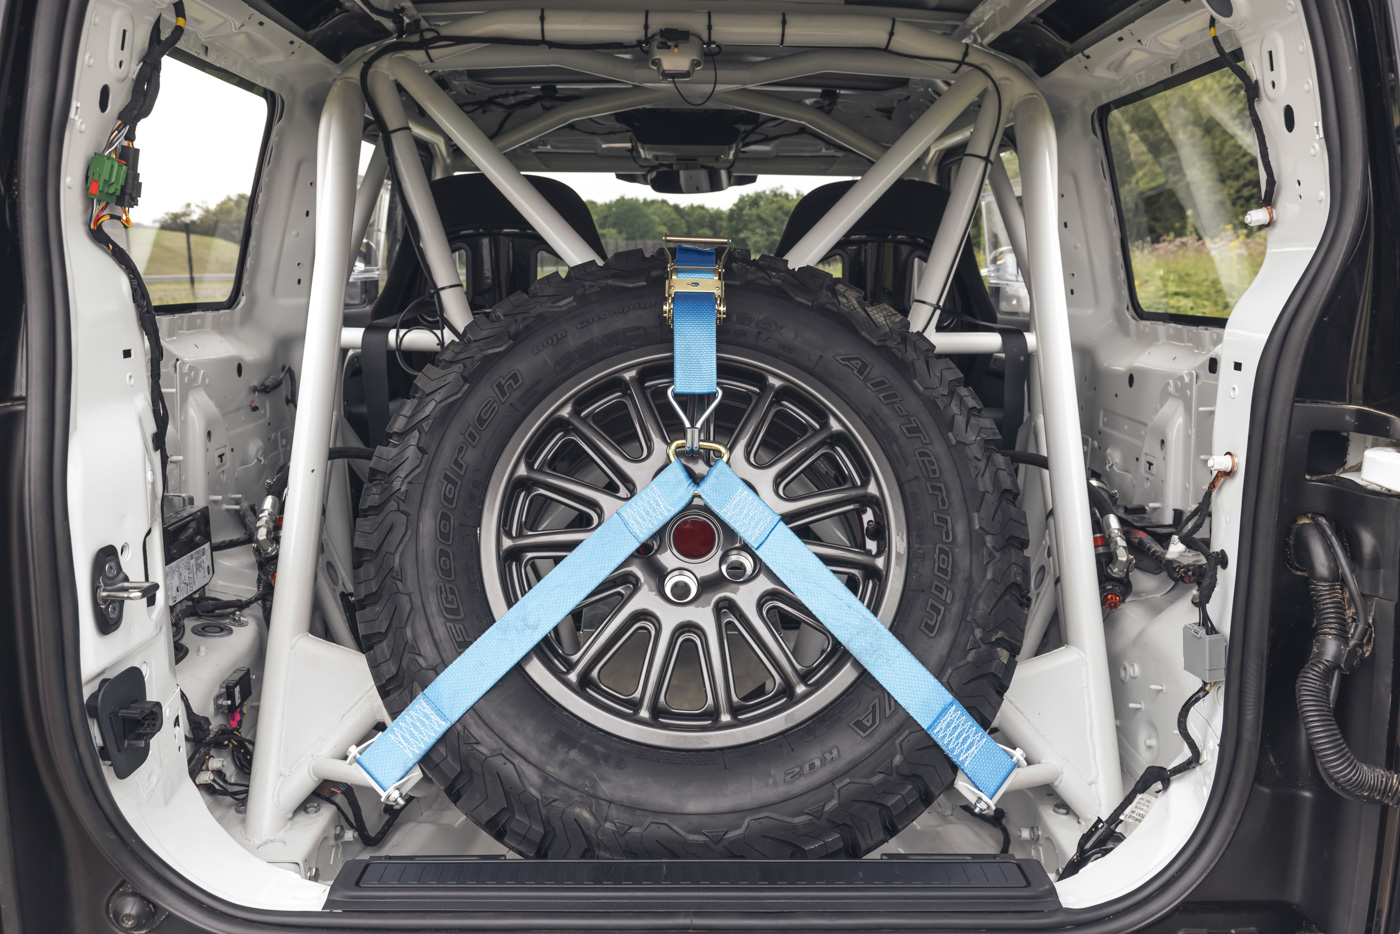 Land-Rover-hợp-tác-cùng-Bowler-ra-mắt-phiên-bản-đua-địa-hình-của-Defender-16.jpg